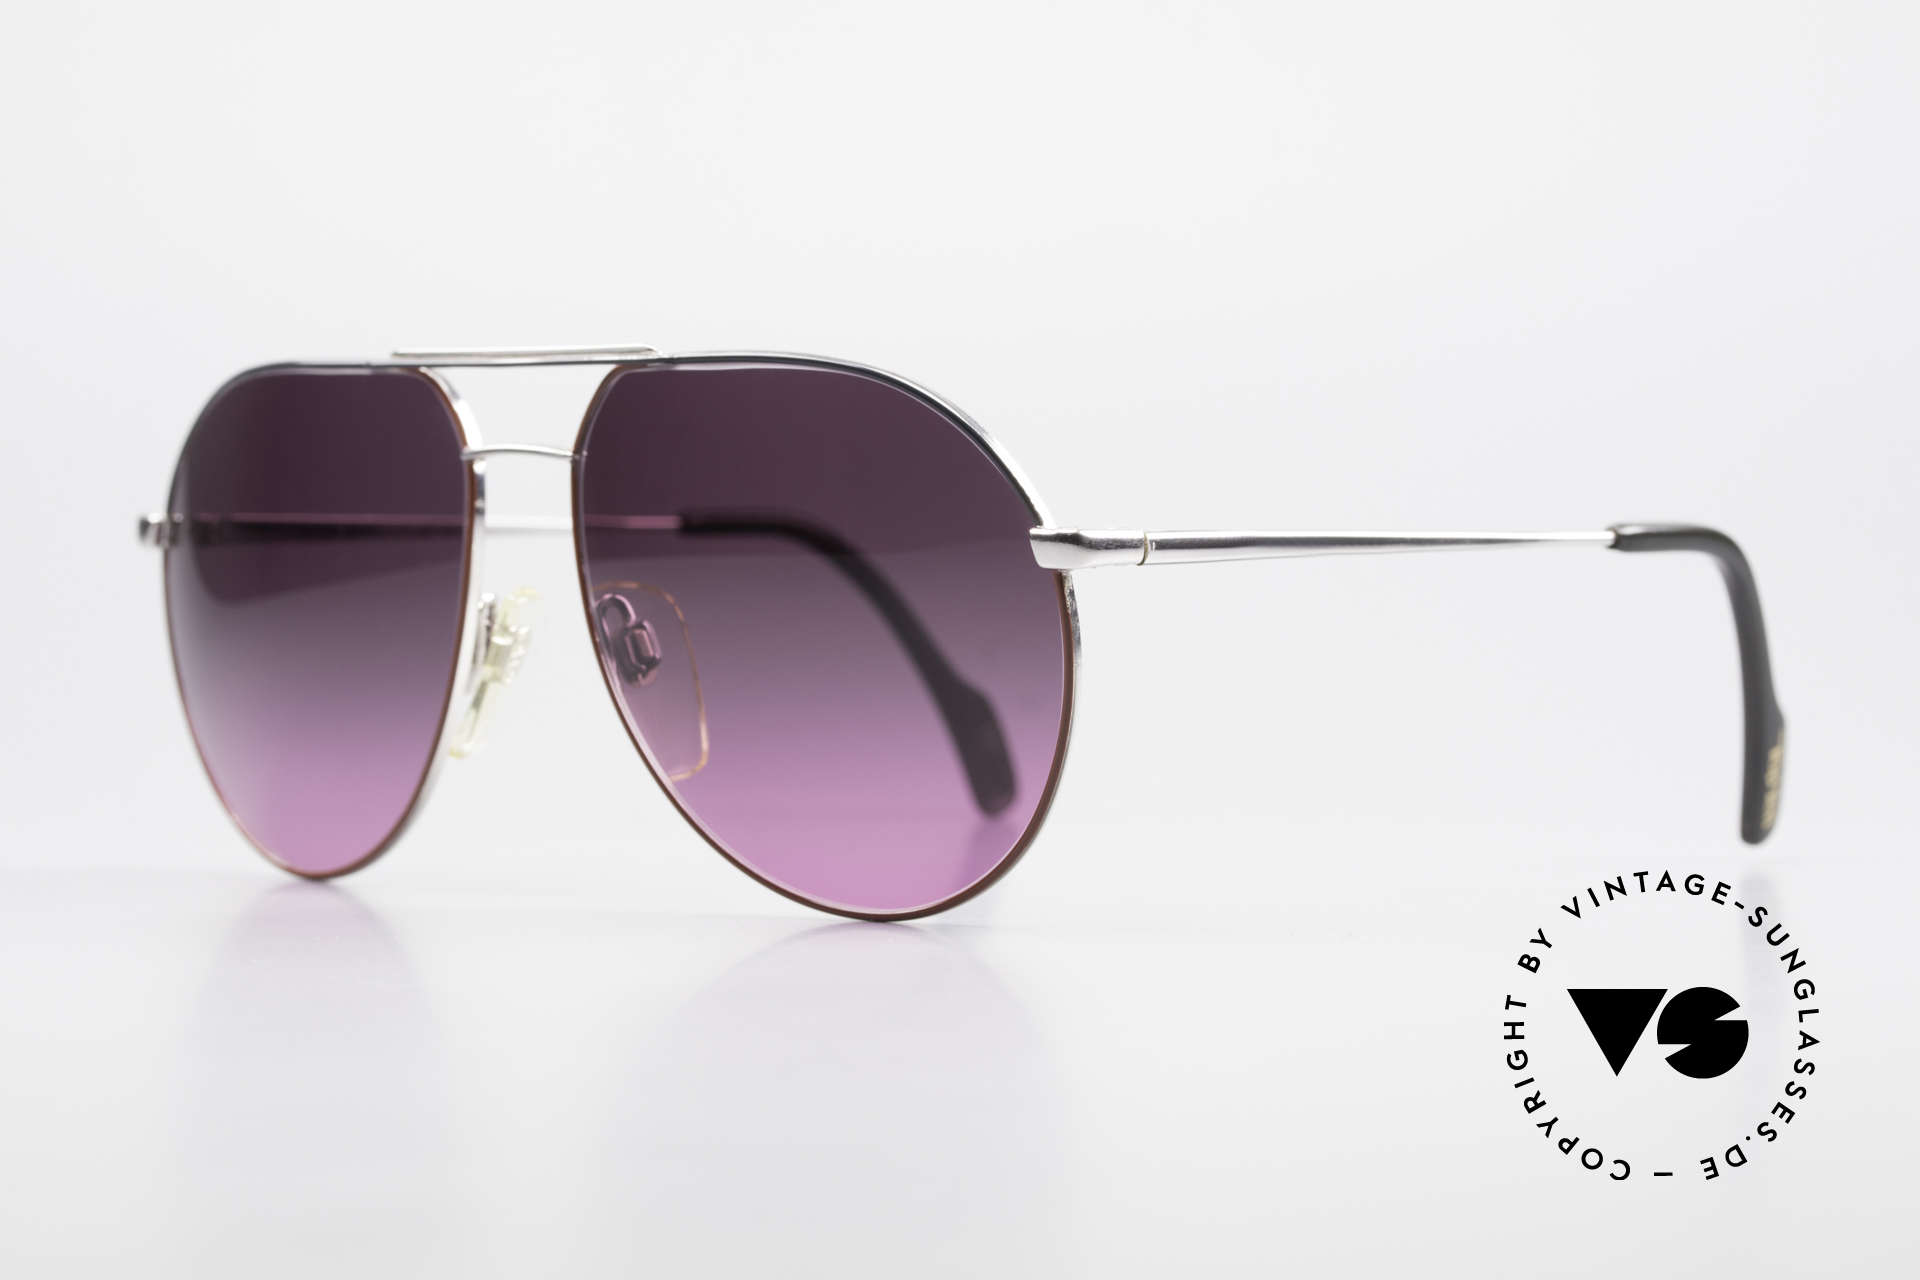 Metzler 0881 Rare 80er Aviator Sonnenbrille, Gläser ebenfalls mit Verlauf von grau zu violett, Passend für Herren und Damen